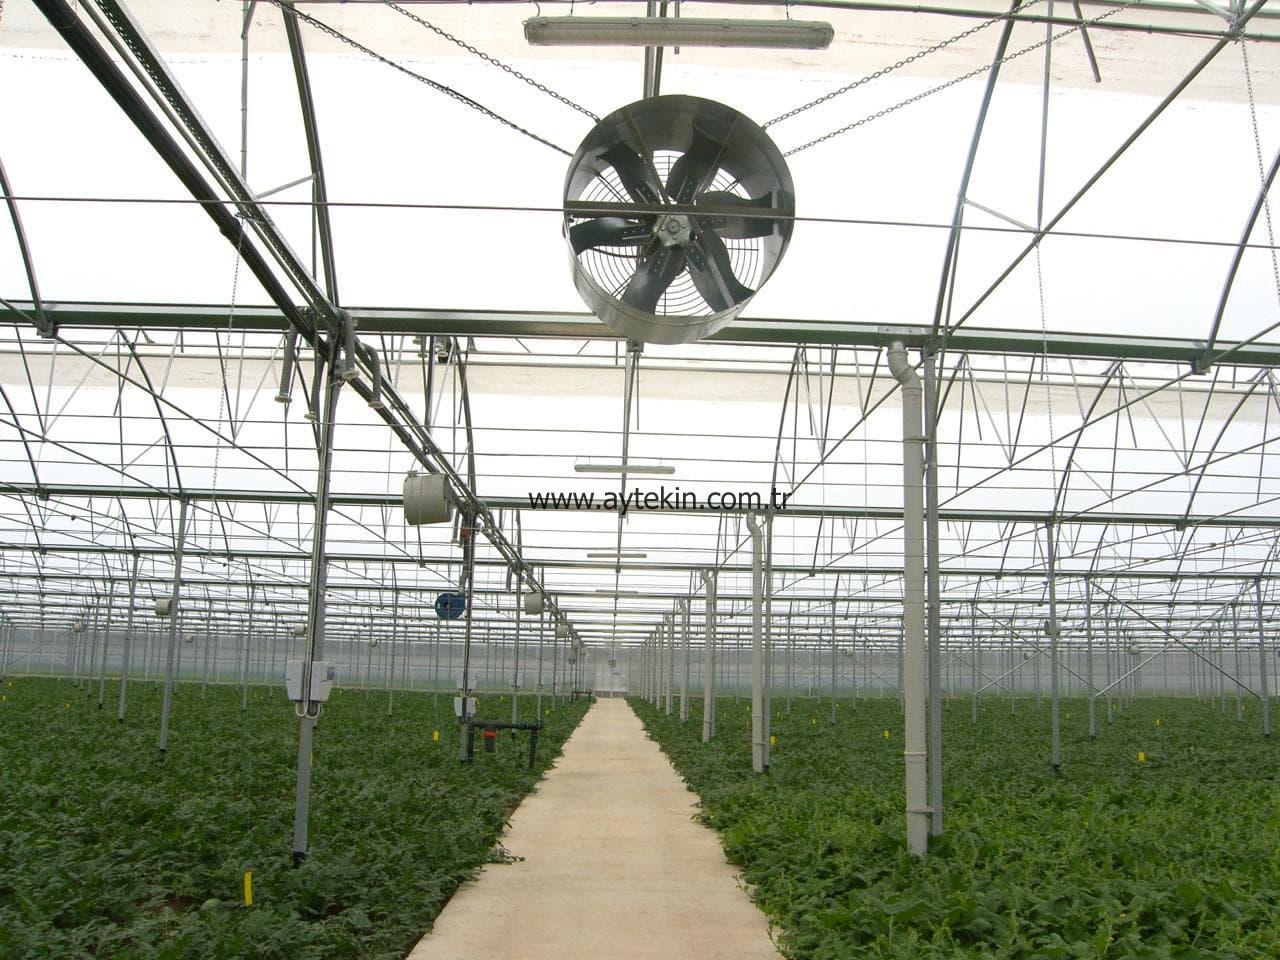 Seedling Greenhouse Antalya Turkey